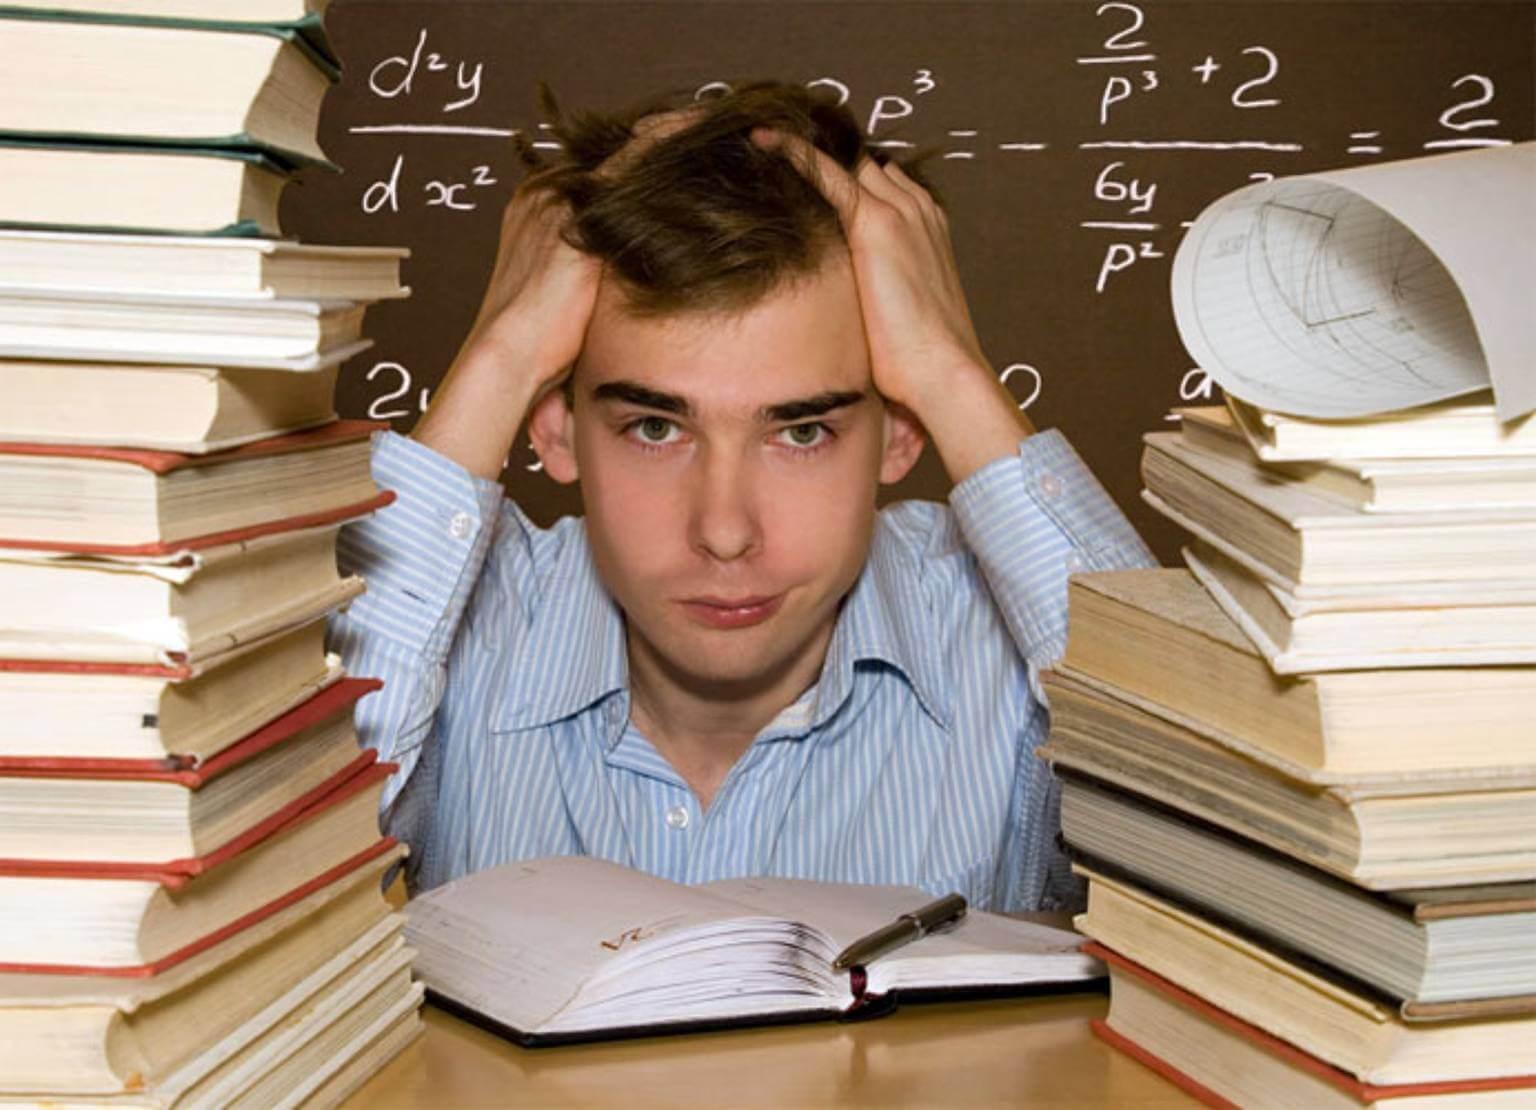 Можно ли сегодня одновременно получать два высших образования в одном или нескольких вузах